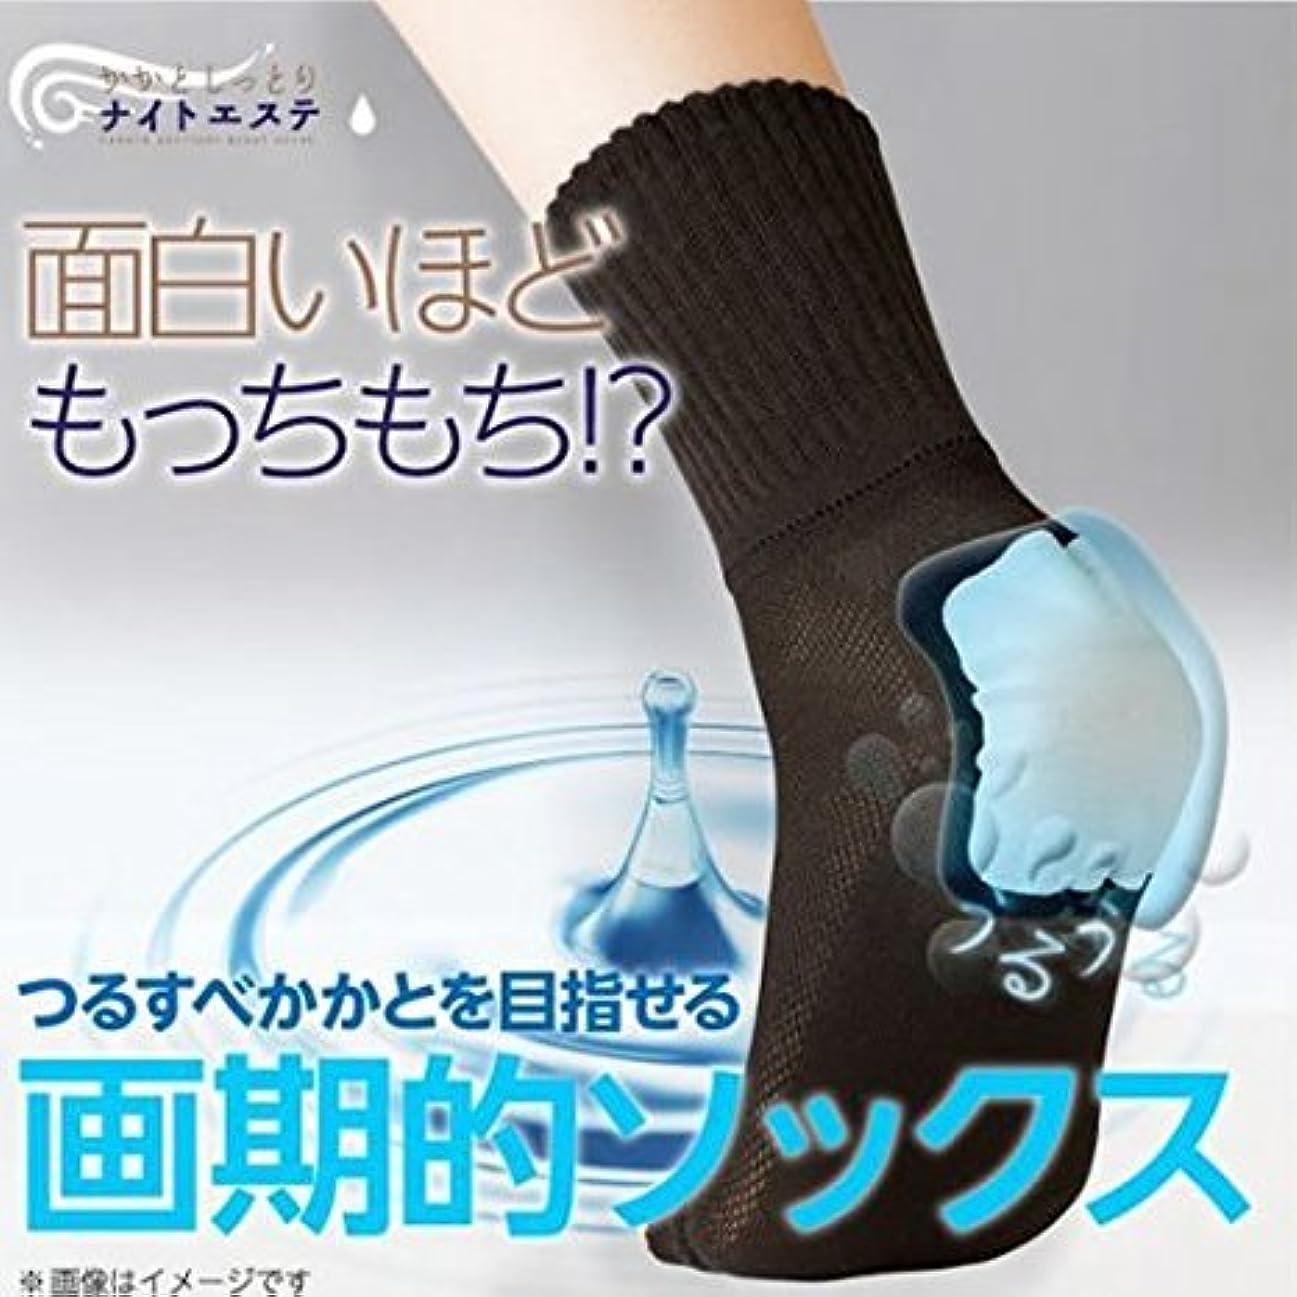 果てしない残り使用法特許取得済治療シート採用!『履くだけこっそりナイトエステ』 ガサガサ足、かかとのヒビ割れが気になるなら??